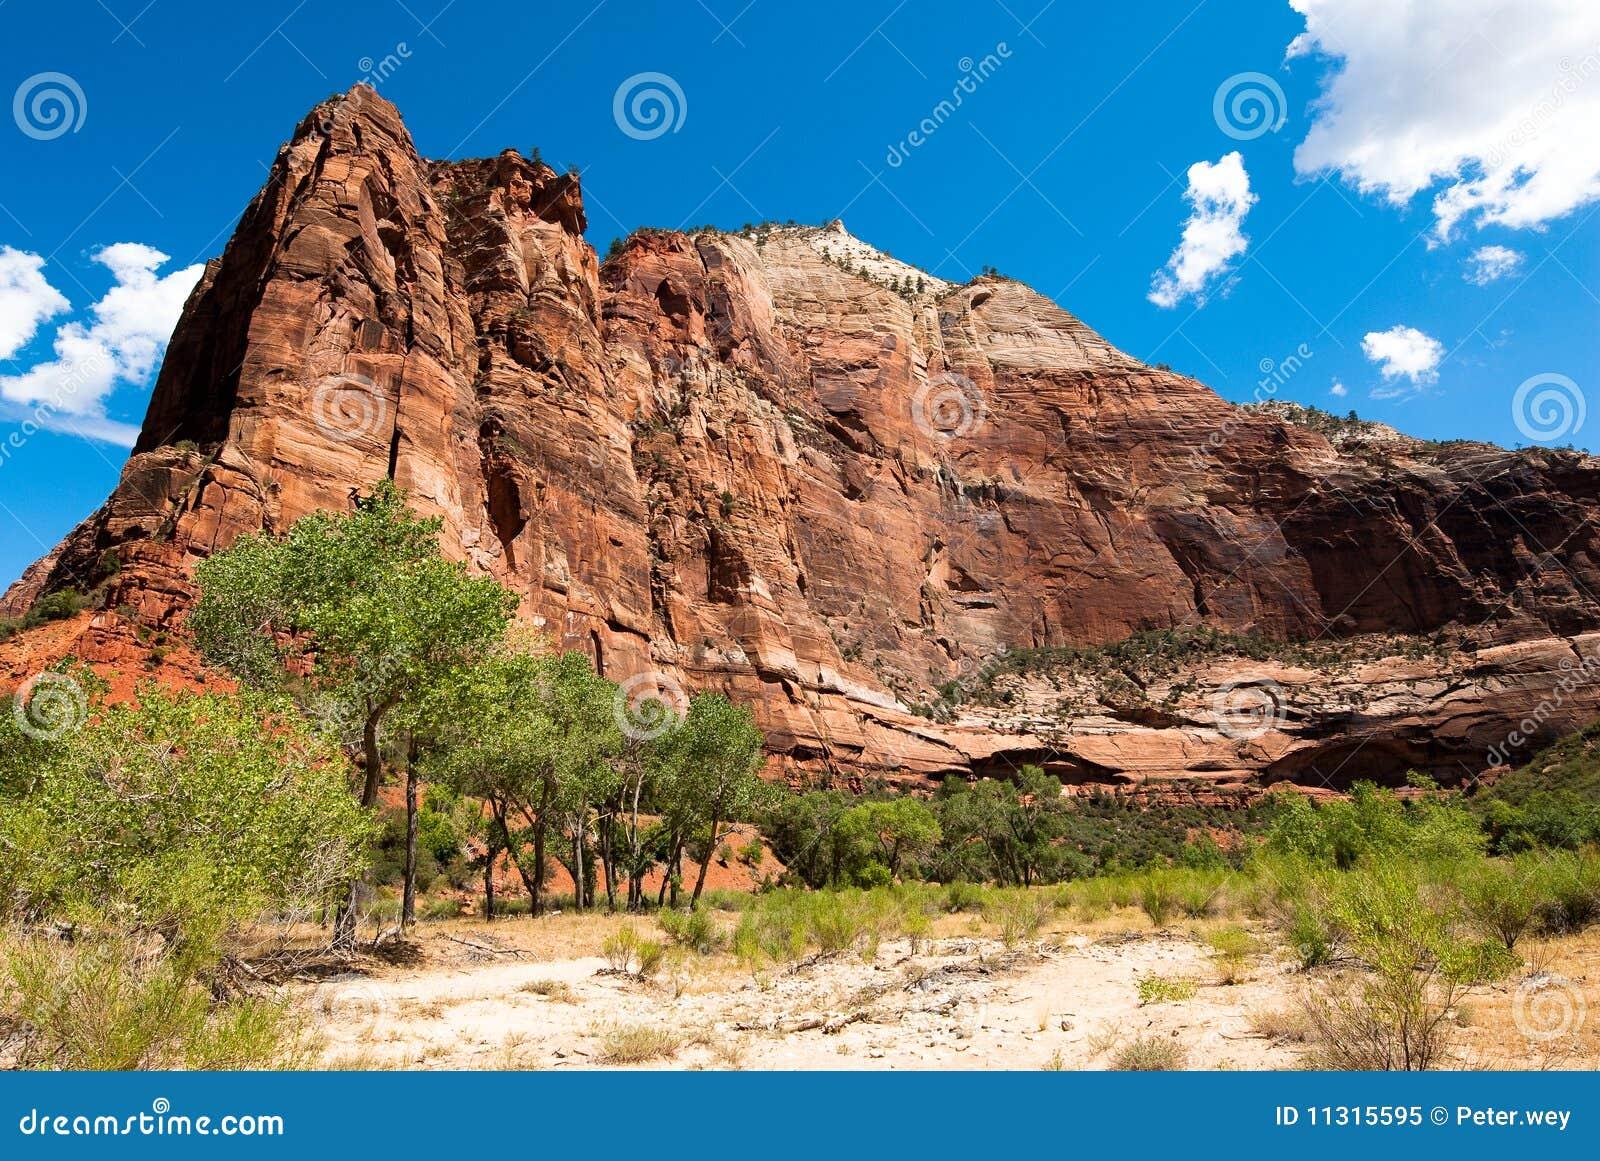 Vertikale Klippen zion im Nationalpark